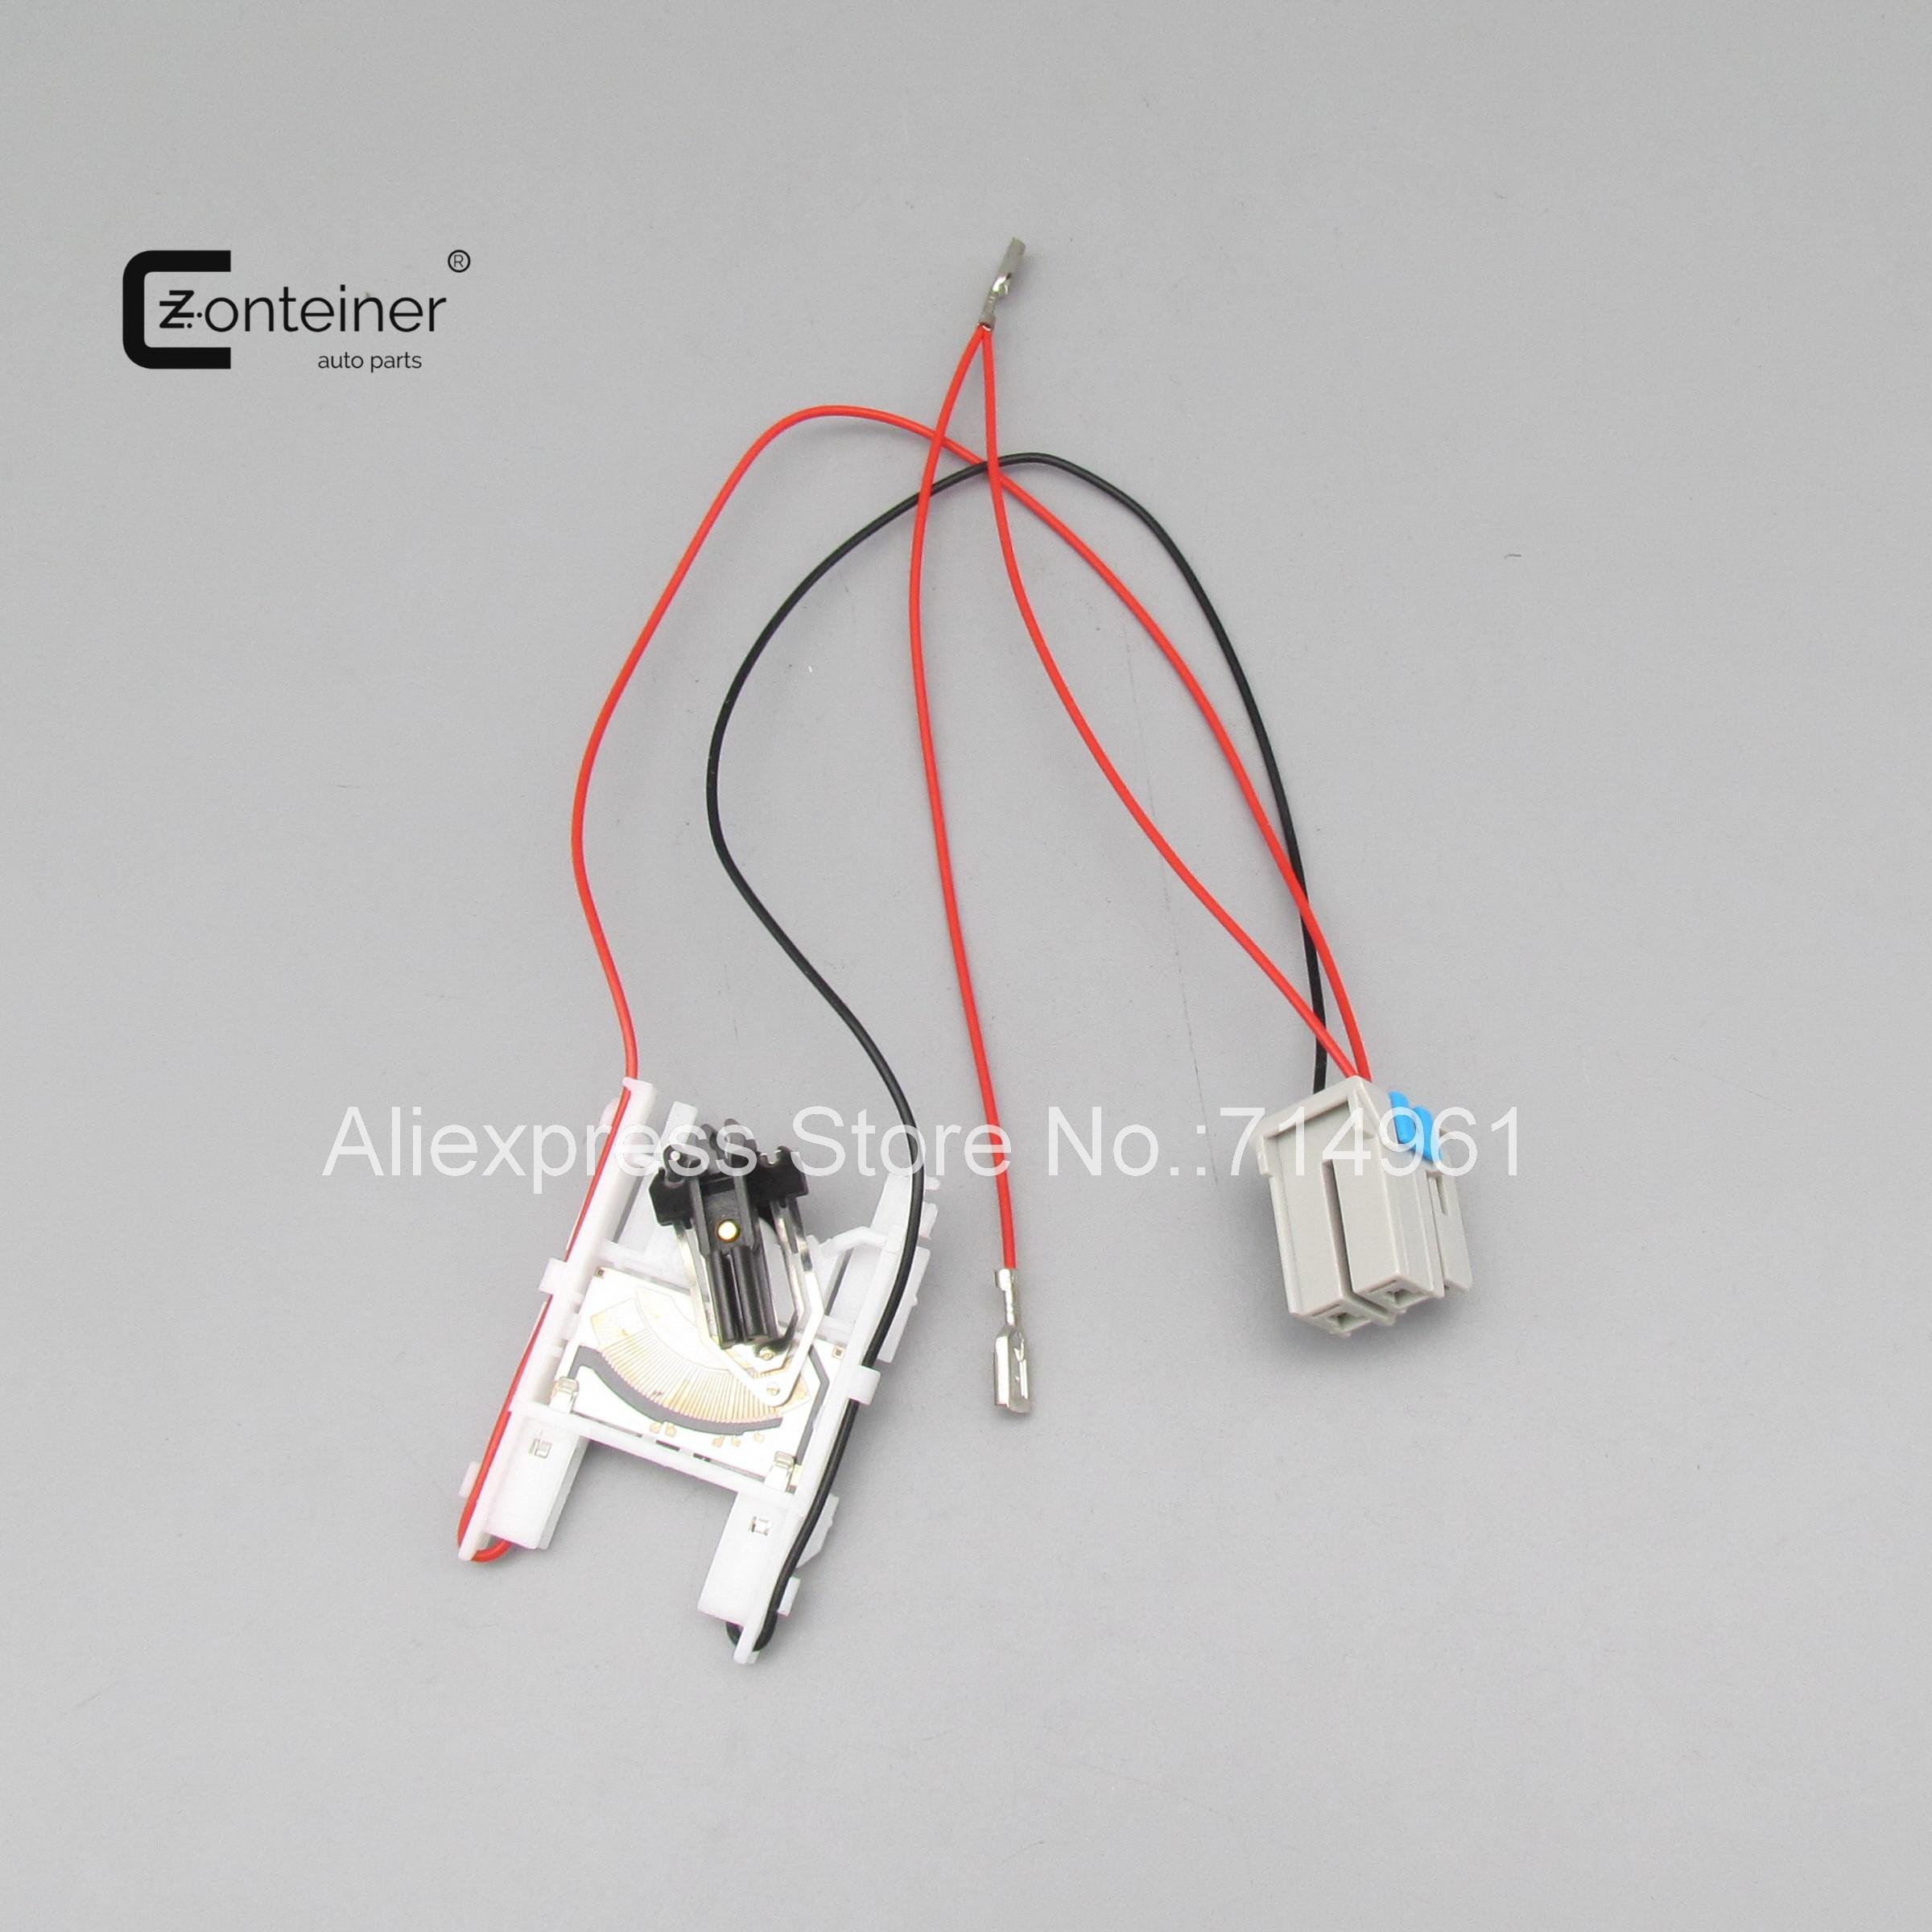 Monland Sensore di Livello Olio Combustibile per Ricambi Auto per Cruze Malibu Astra Insignia Regal EXCELLE GT XT 09-16 13500000//93735935